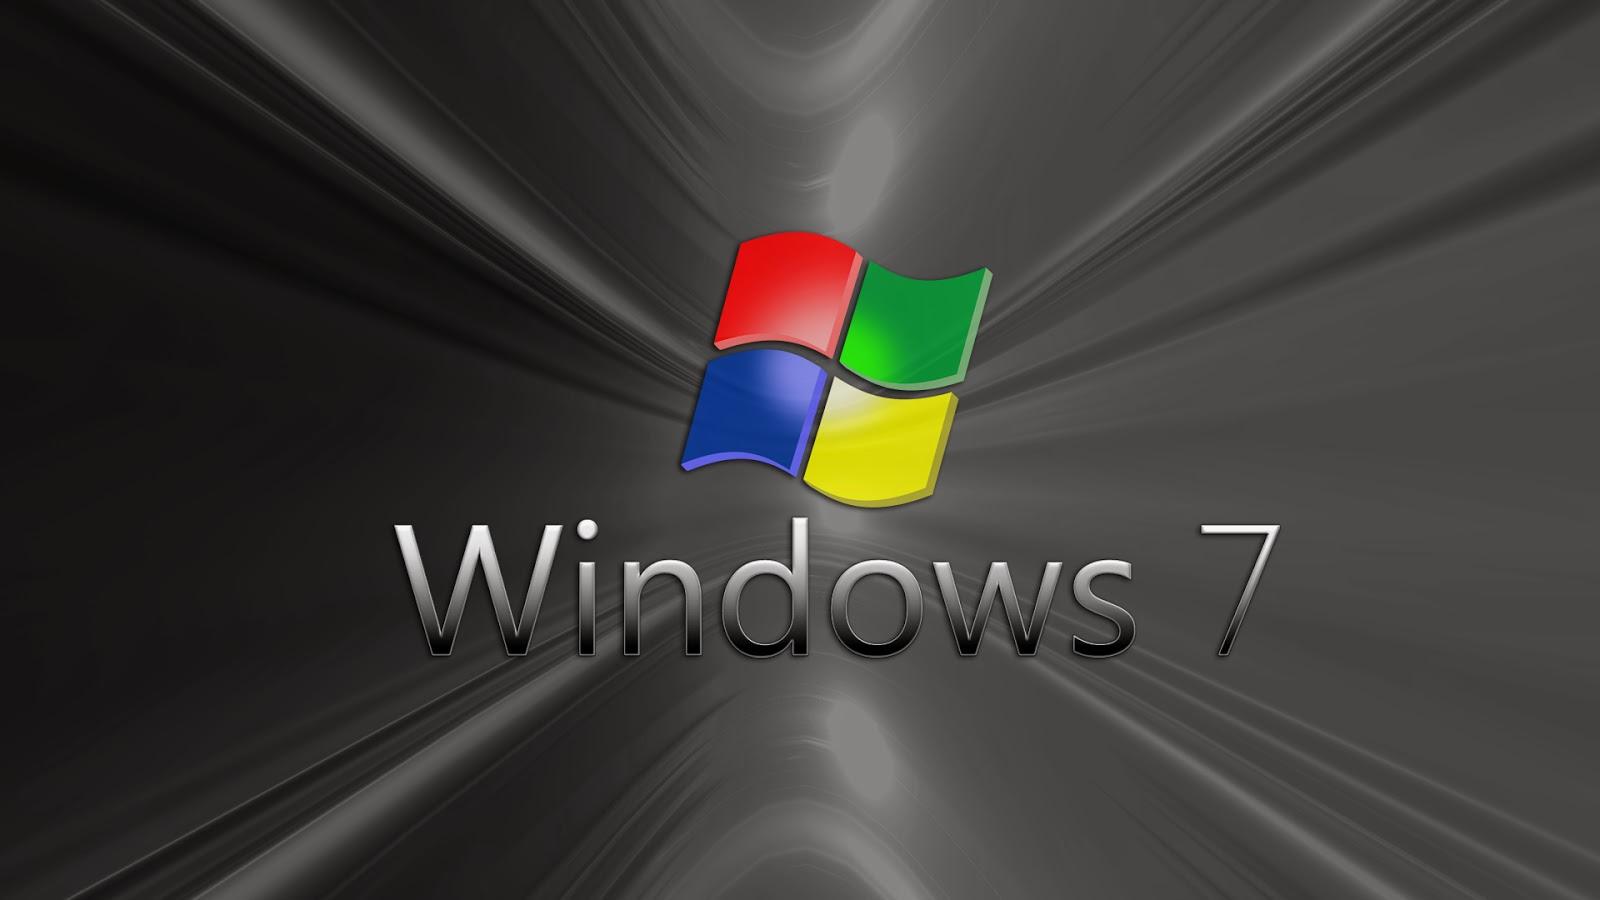 Descargar Fondos De Pantalla Gratis: Descarga Fondos HD: Fondo De Pantalla Windows 7